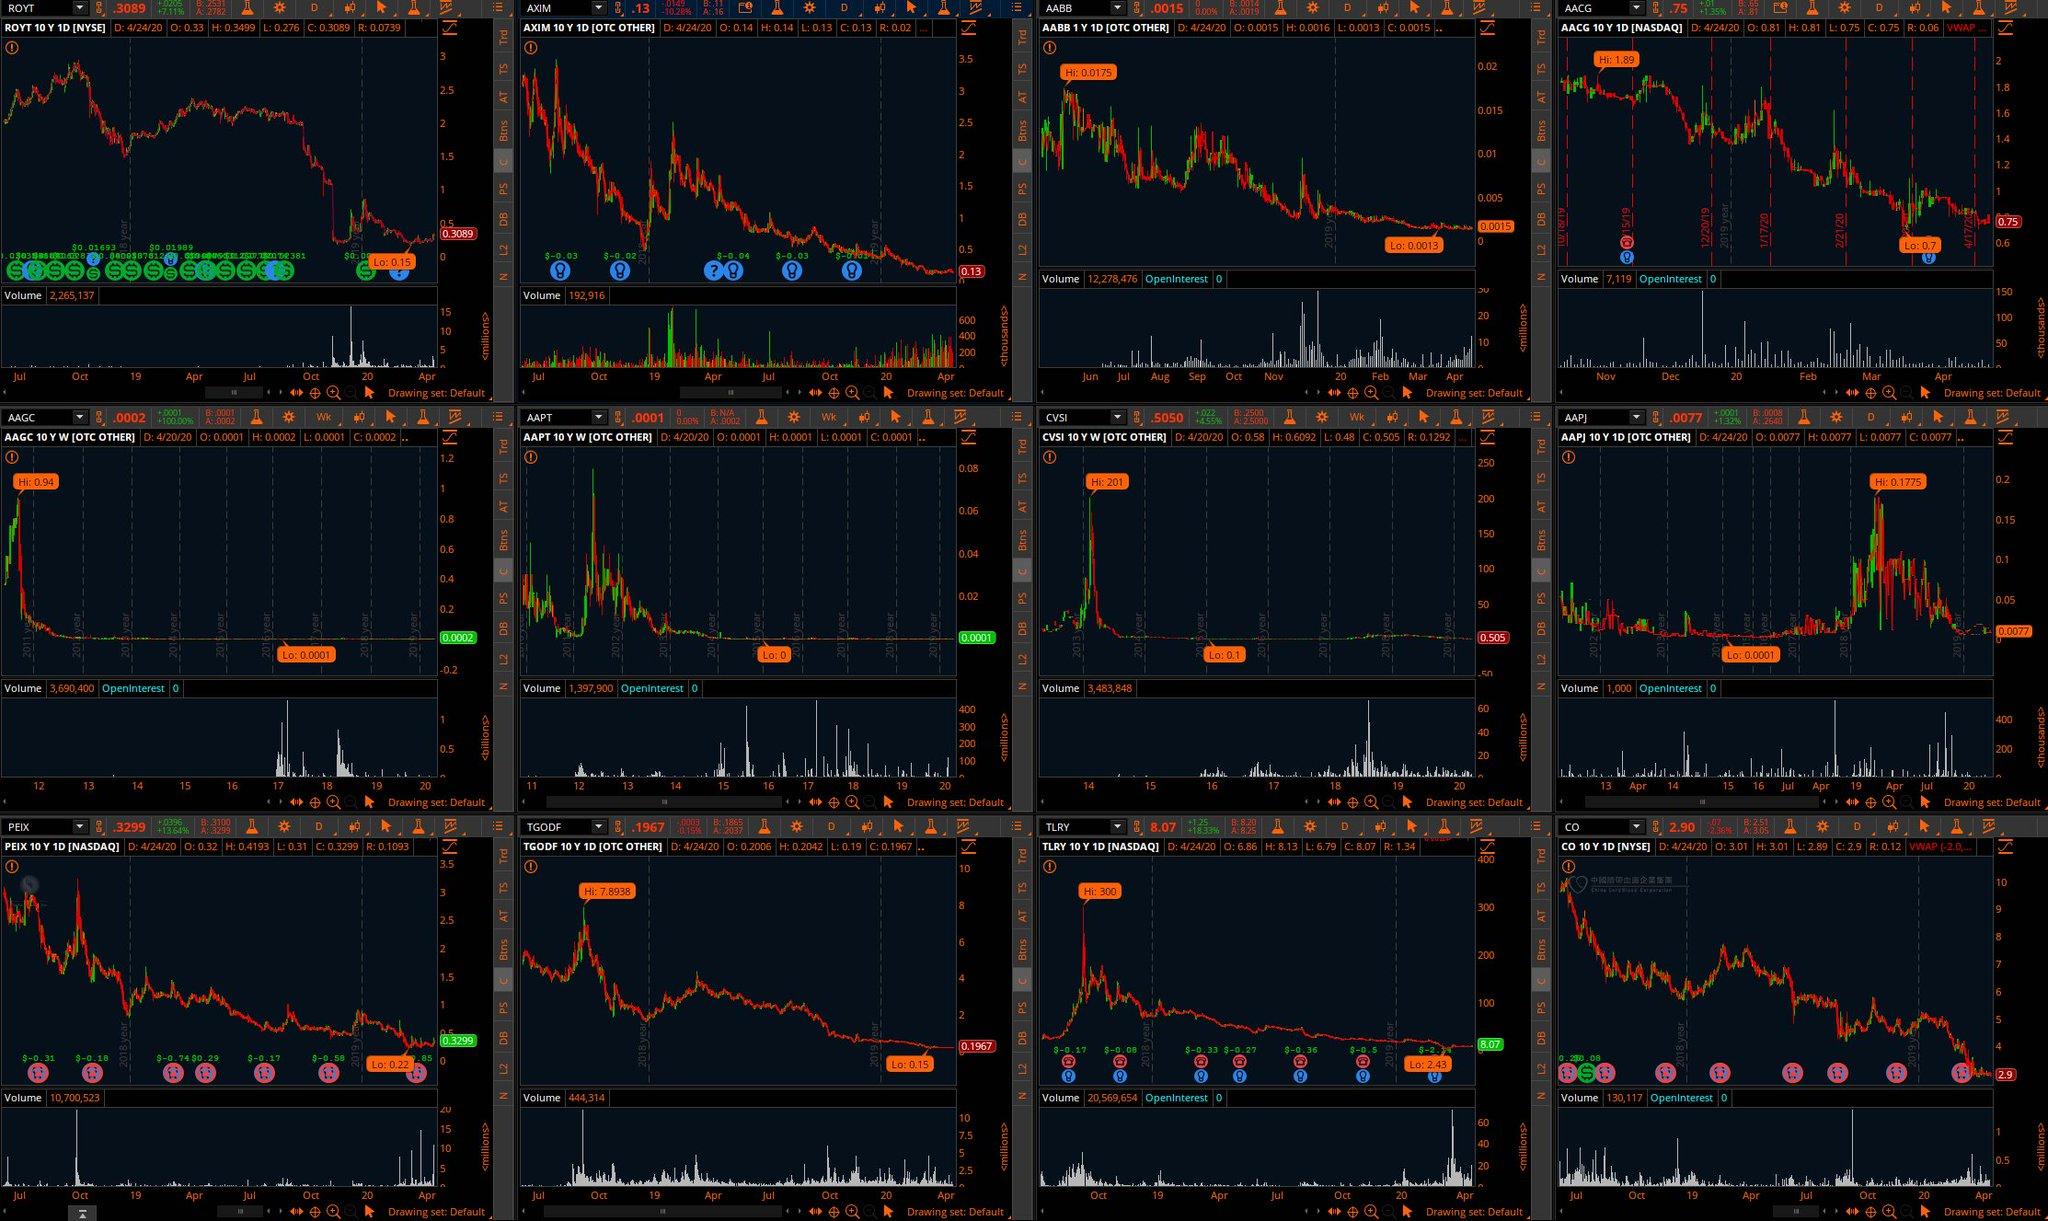 xrp similar charts